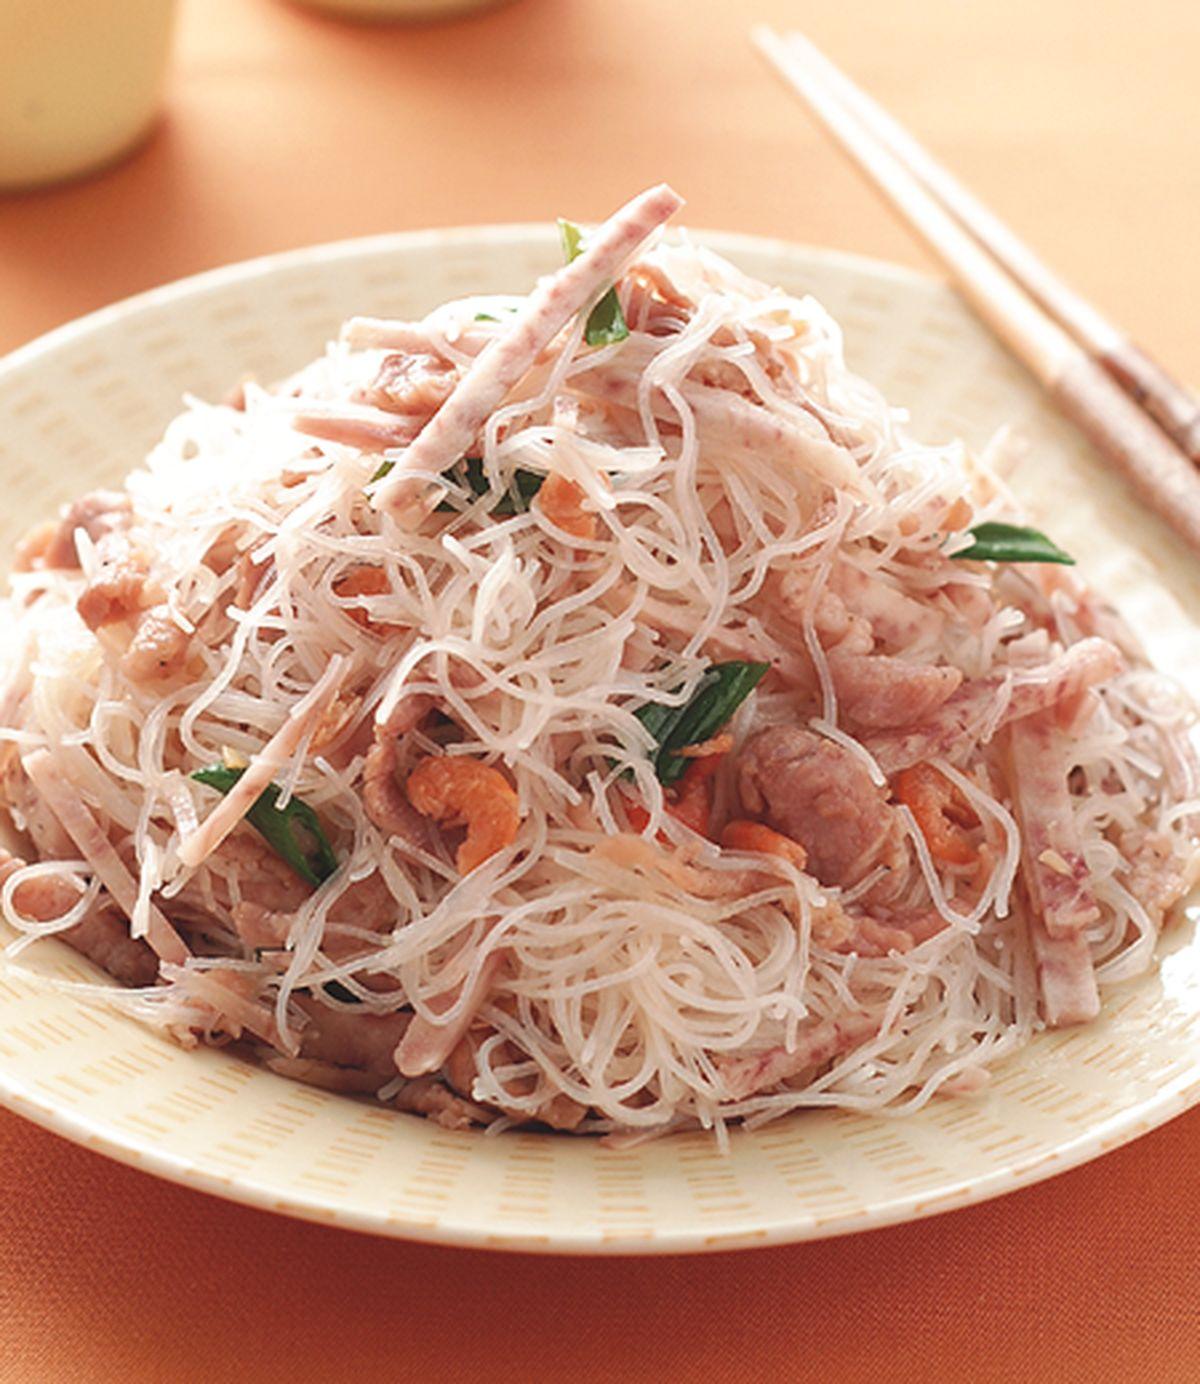 食譜:芋頭肉絲炒米粉